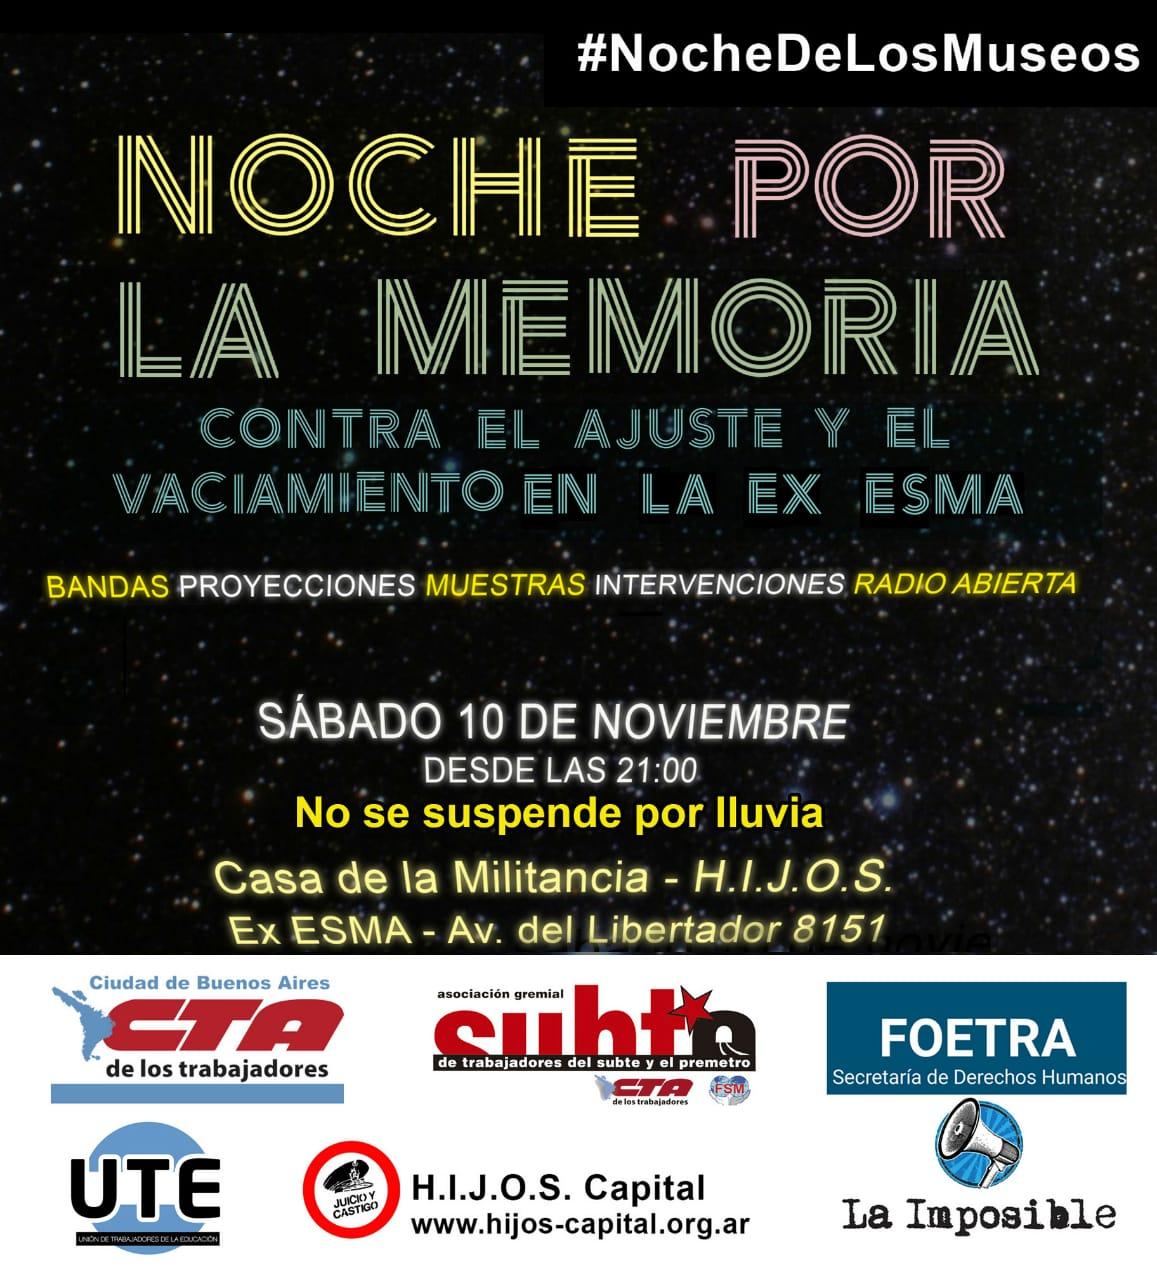 NOCHE POR LA MEMORIA - Sábado 10 de Noviembre - 21hs.